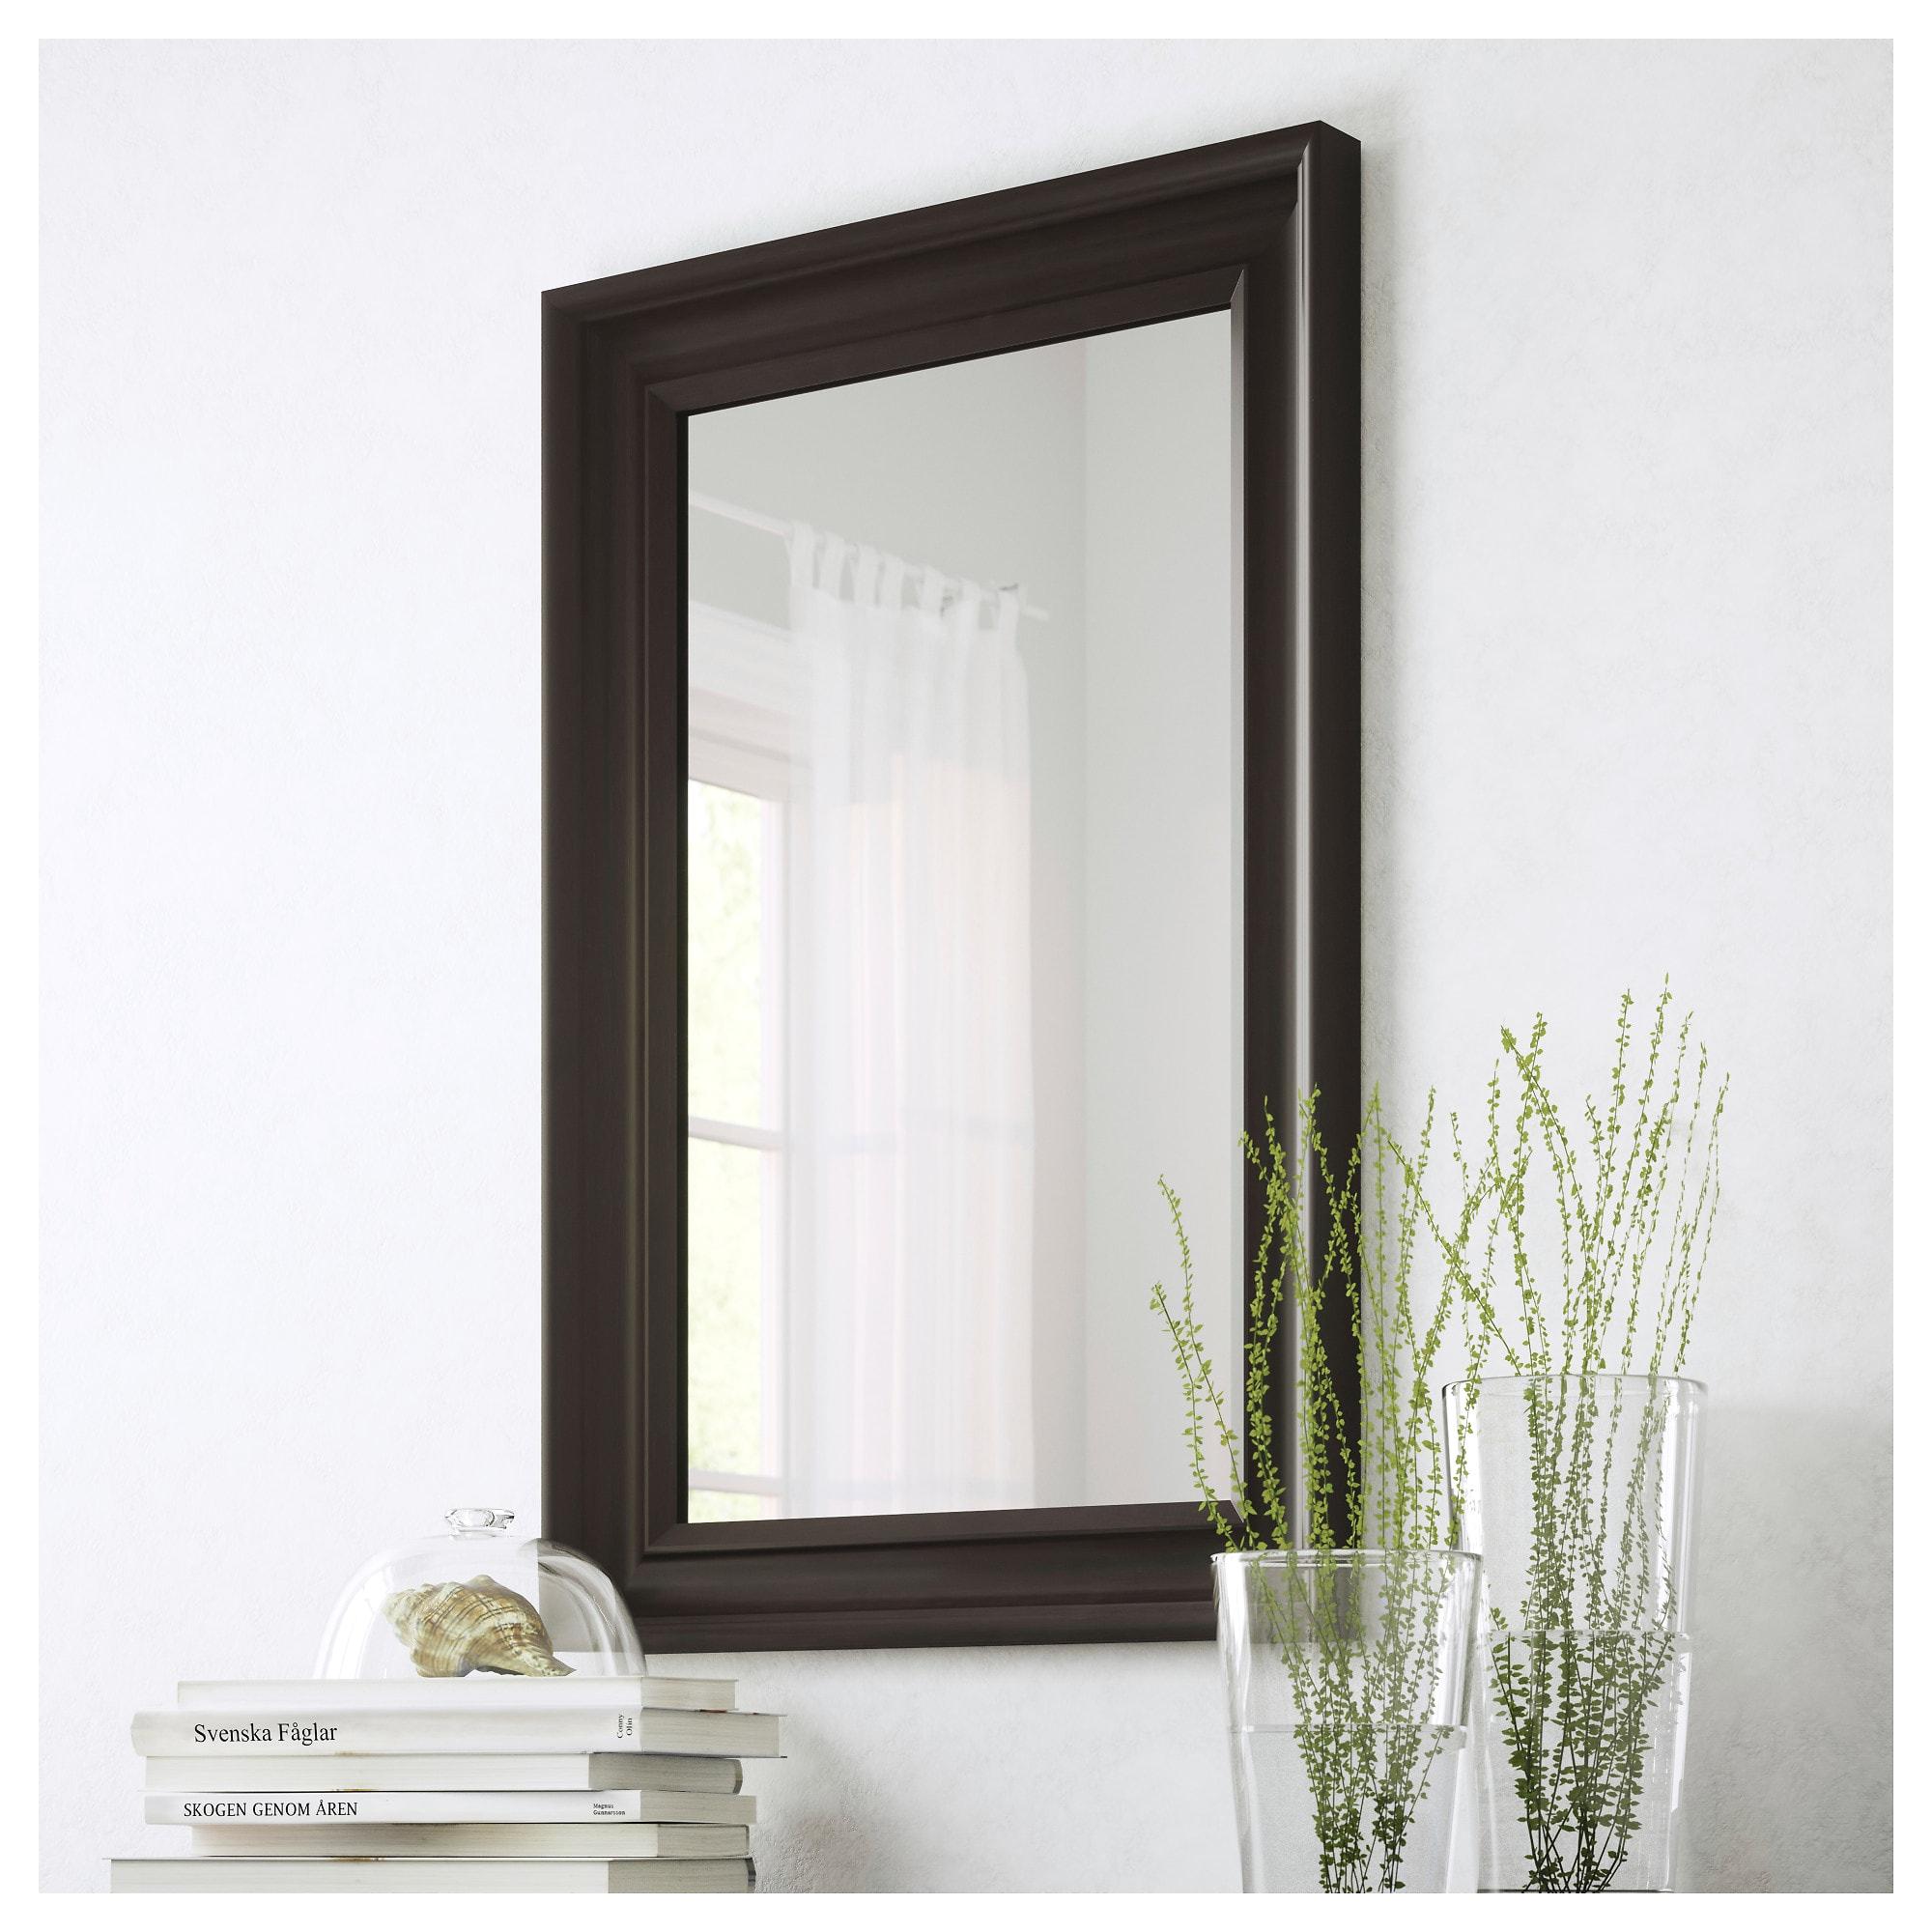 Ikea Miroir Salle De Bains Beau Stock Miroir Coiffeuse Led Unique Résultat Supérieur Miroir Lumineux Led